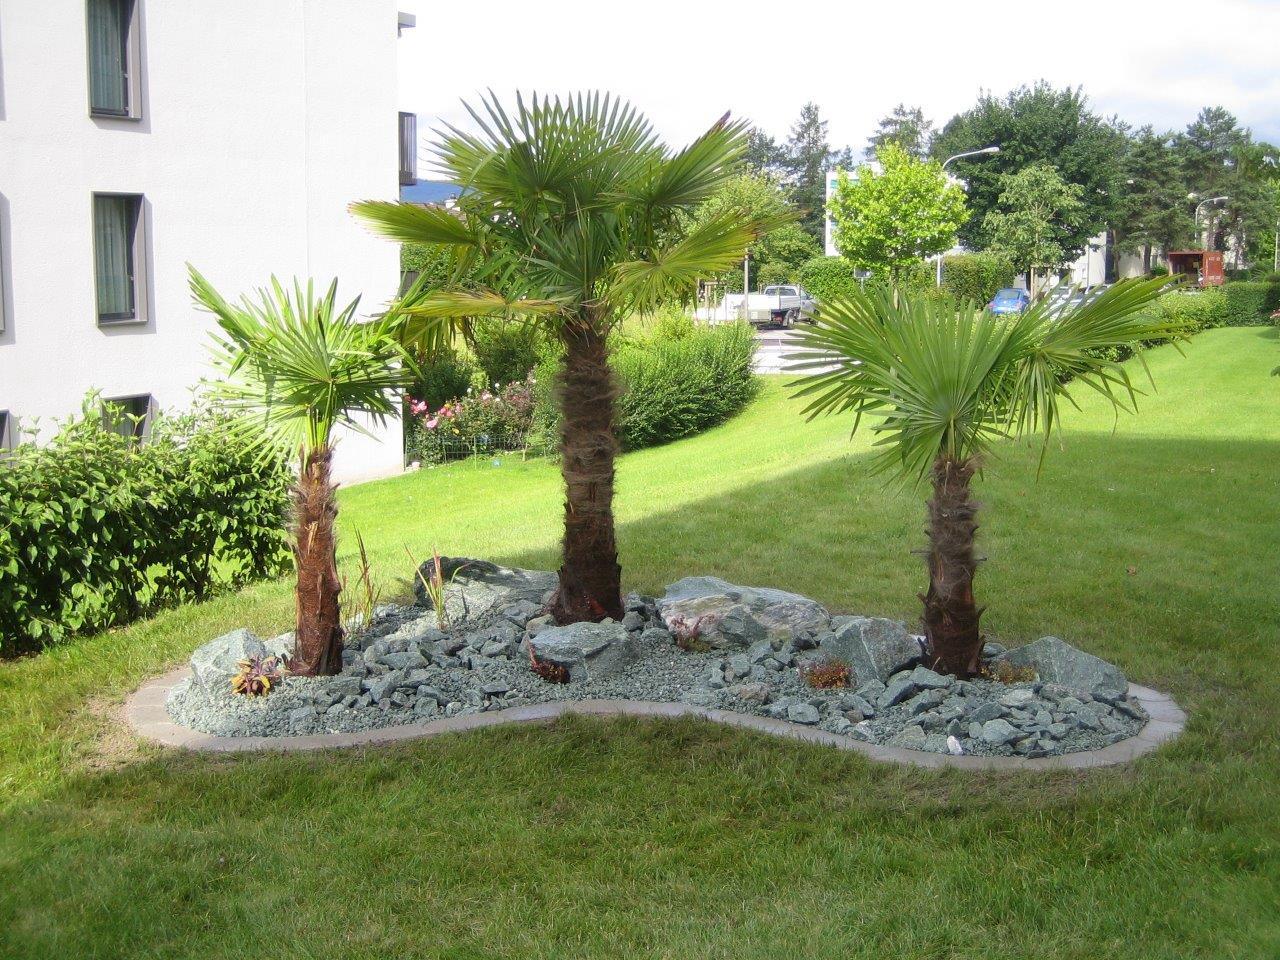 Steingarten Mit Andeer Steinen Und Palmen